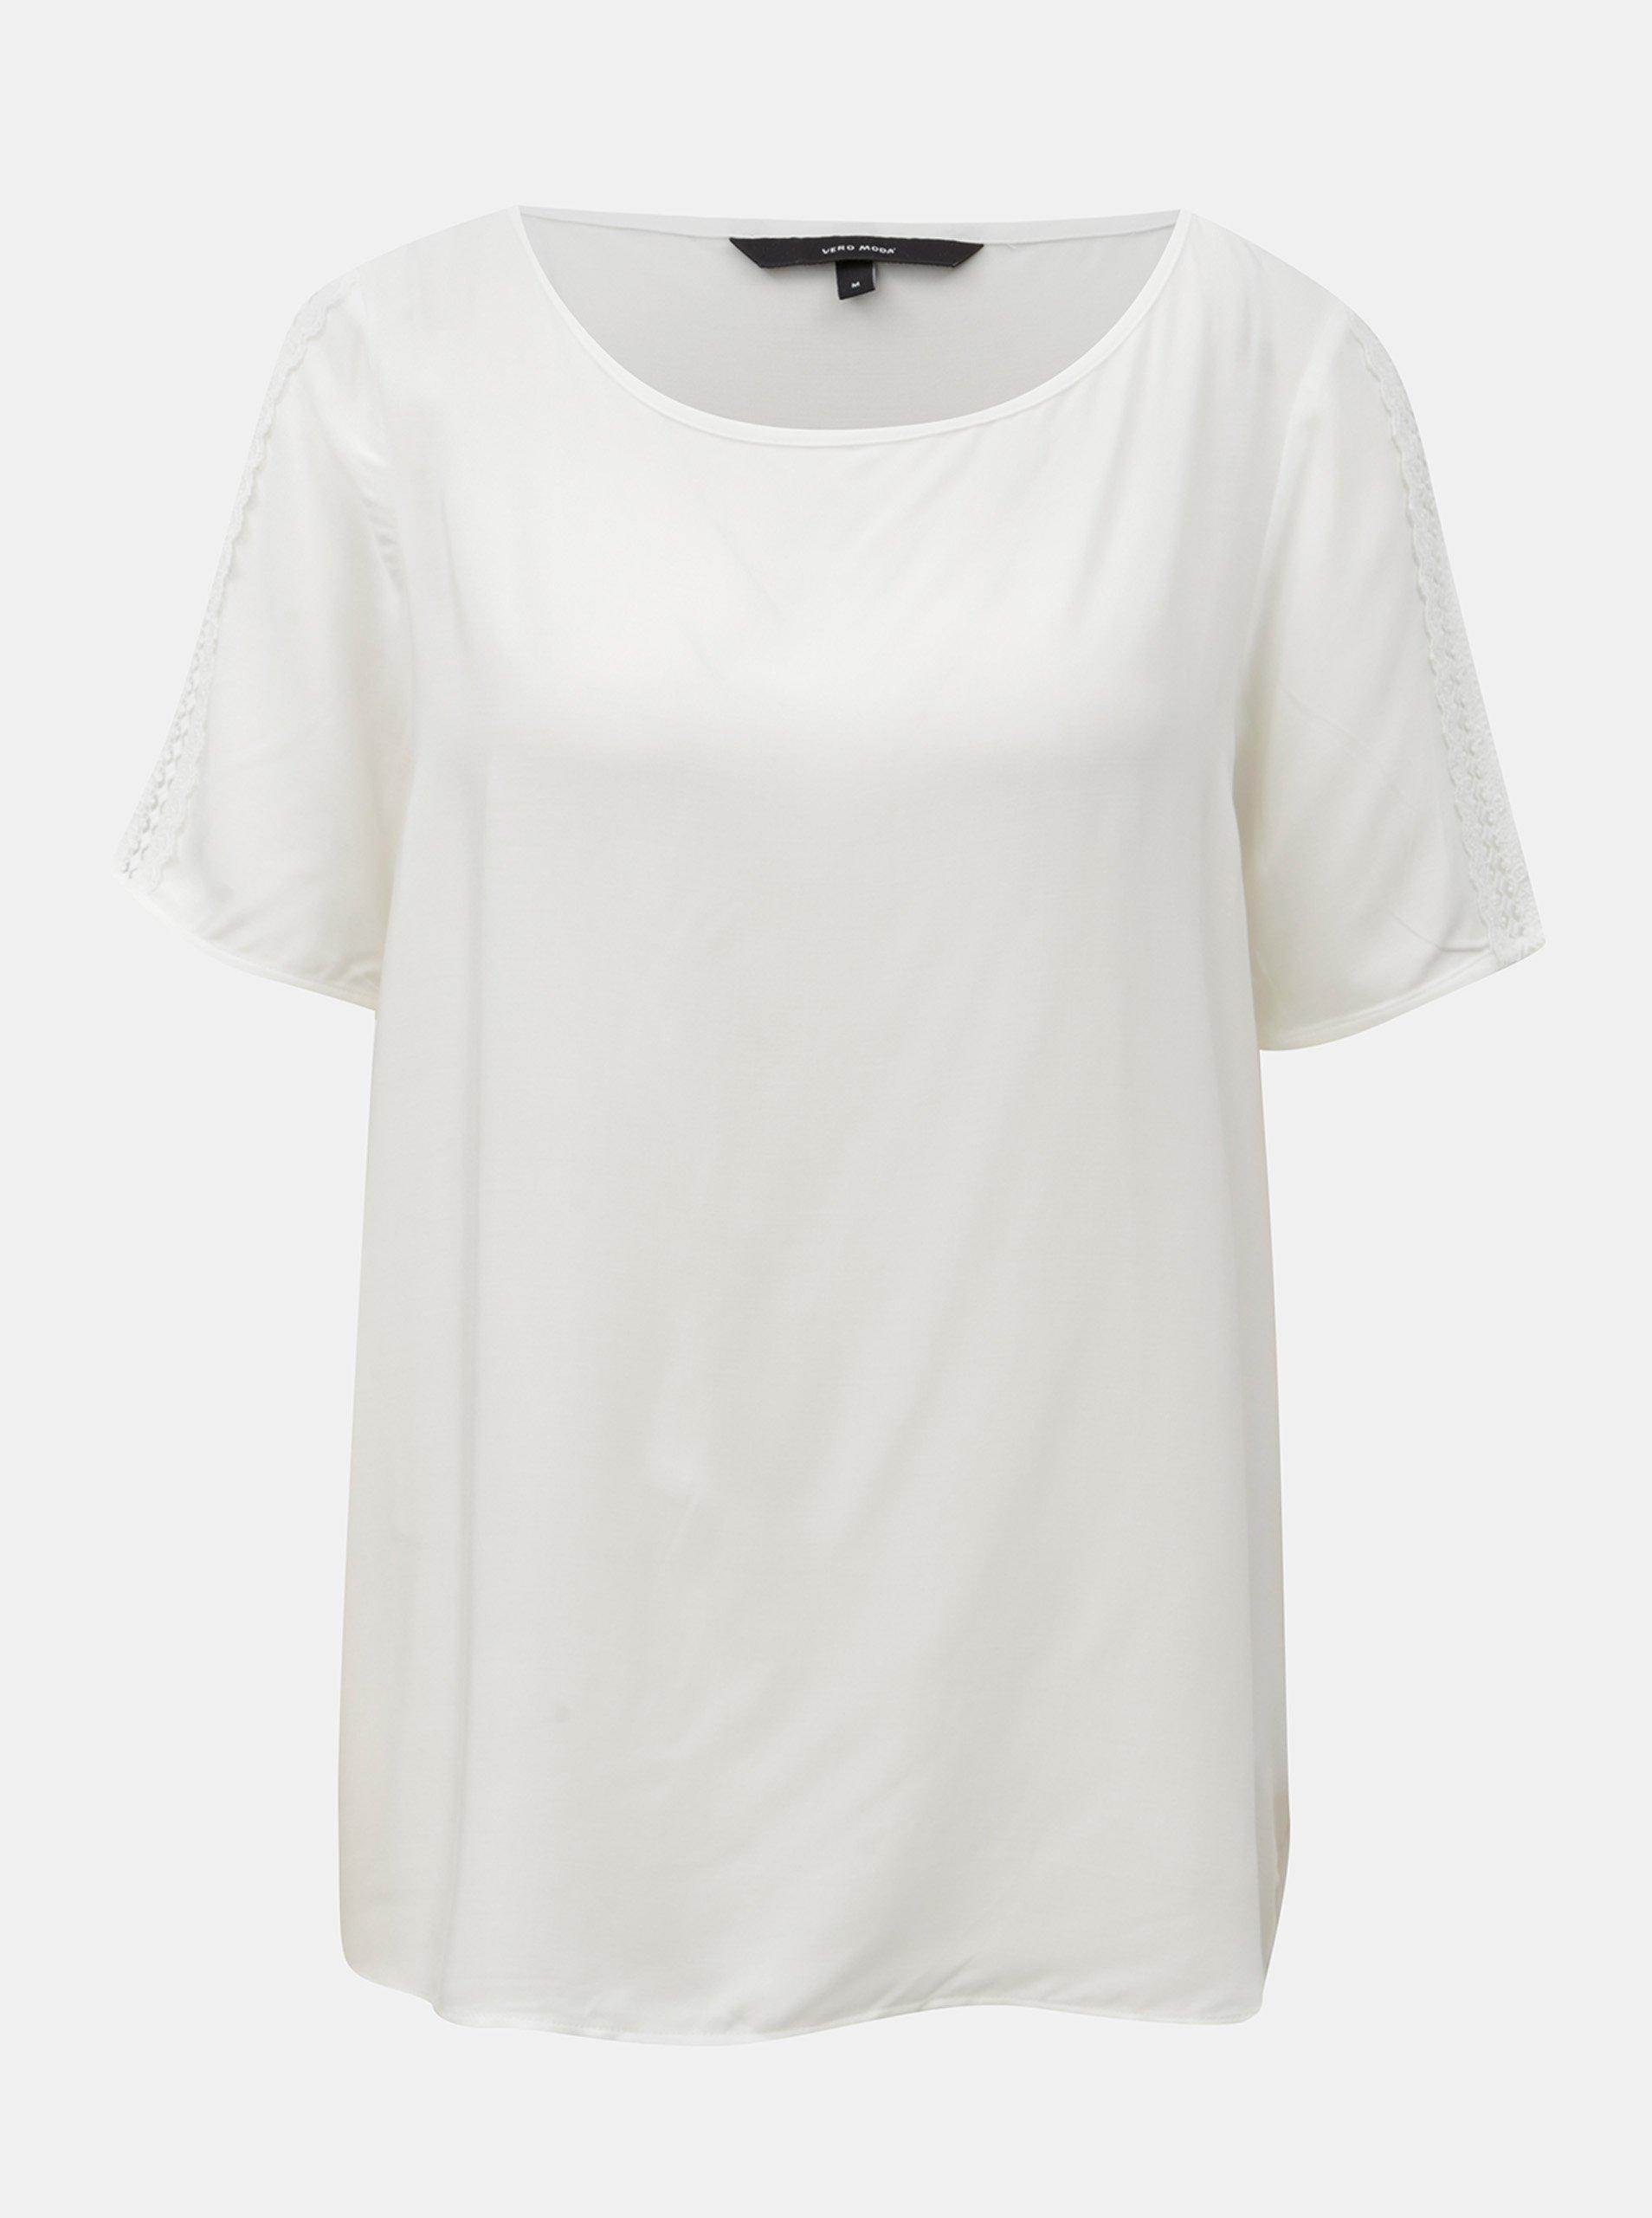 Bílý top s krajkovými detaily VERO MODA Lacey